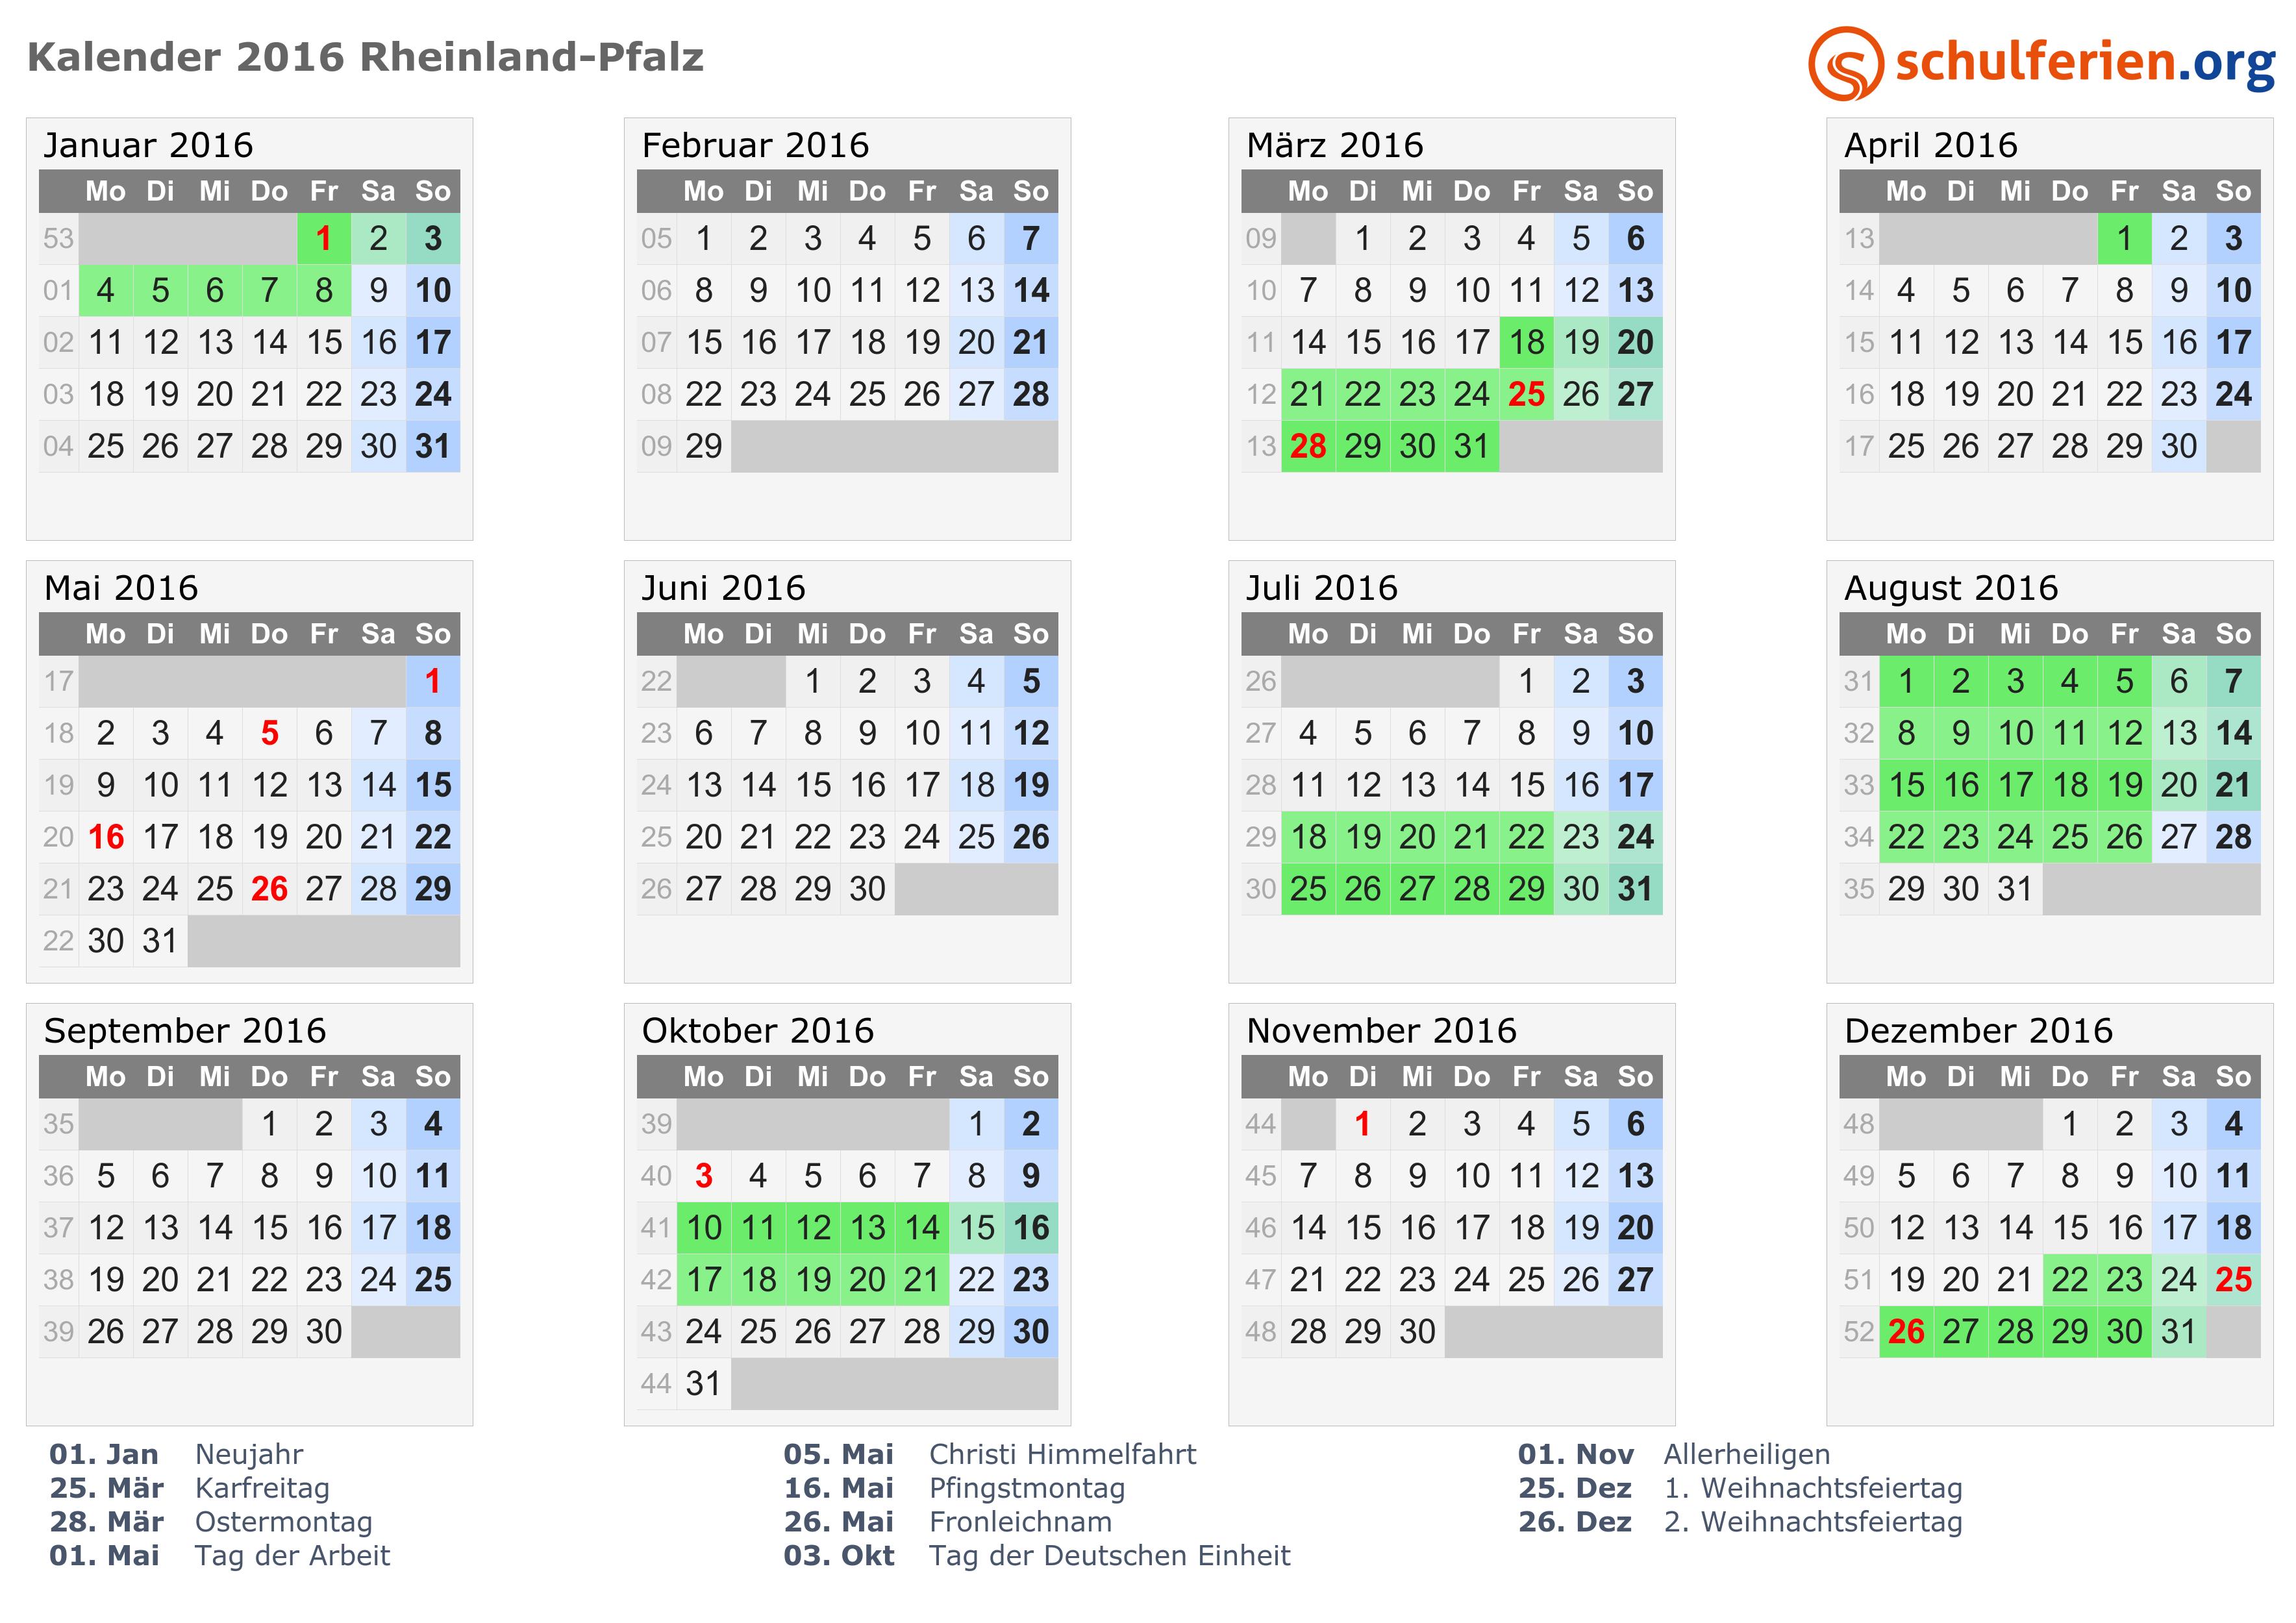 Kalender 2016   Ferien Rheinland-Pfalz, Feiertage